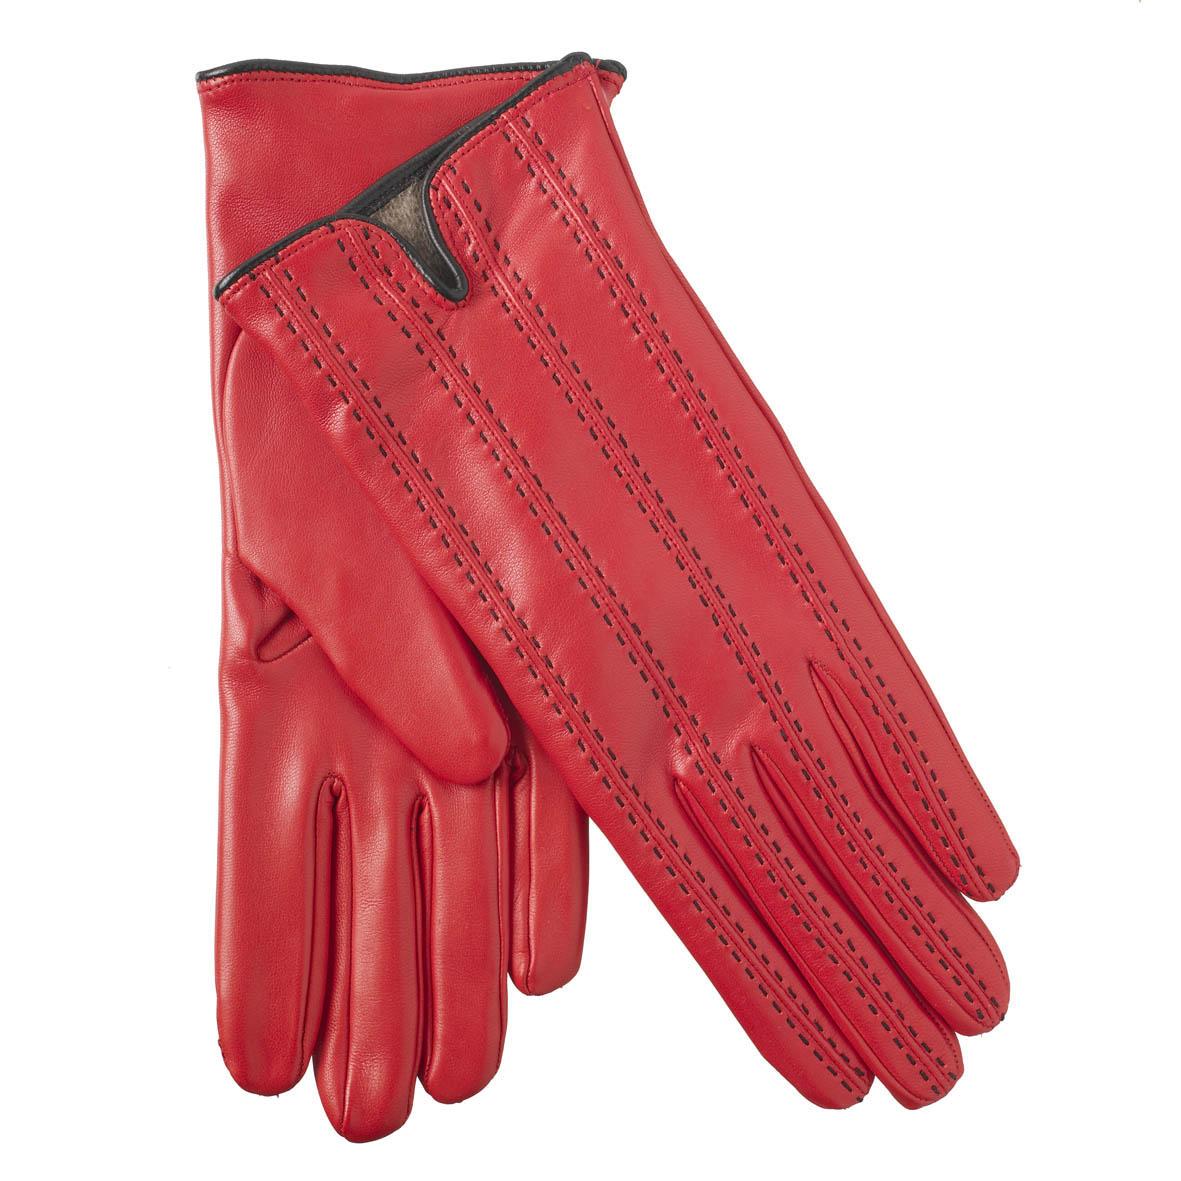 Handmade leather driving gloves - Handmade Italian Leather Gloves Handmade Italian Leather Driving Gloves